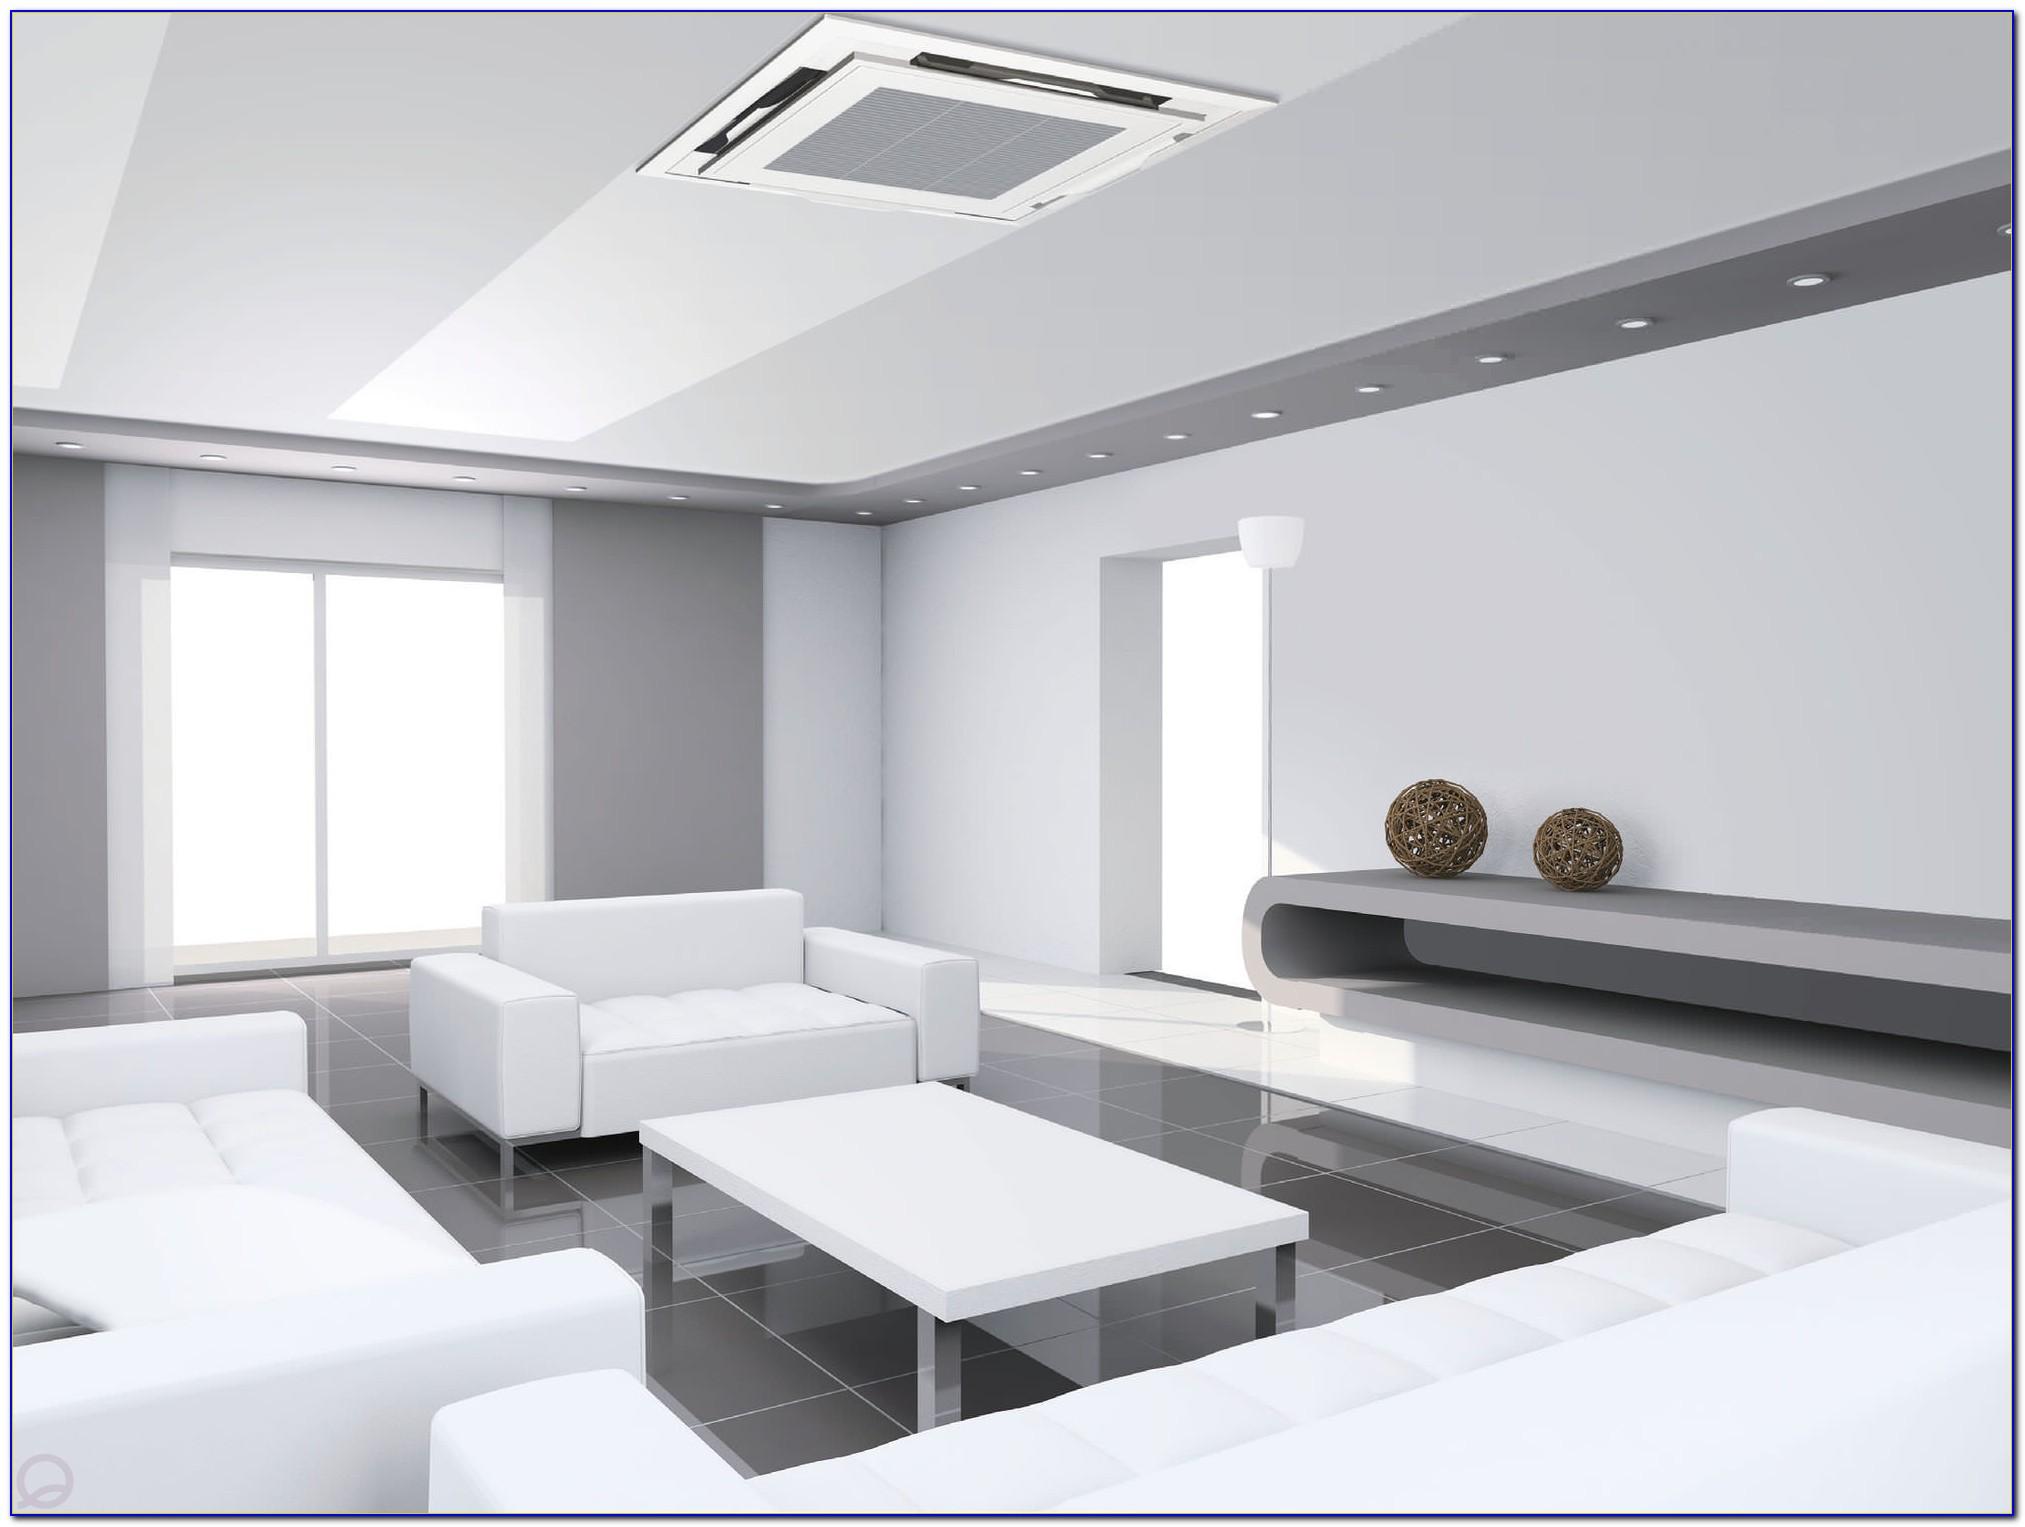 Evaporative Air Conditioner Ceiling Vents